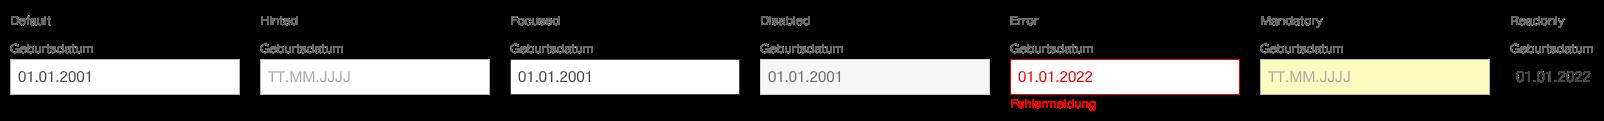 Darstellung der Komponente Datumsauswahl zur Eingabe eines Geburtstages